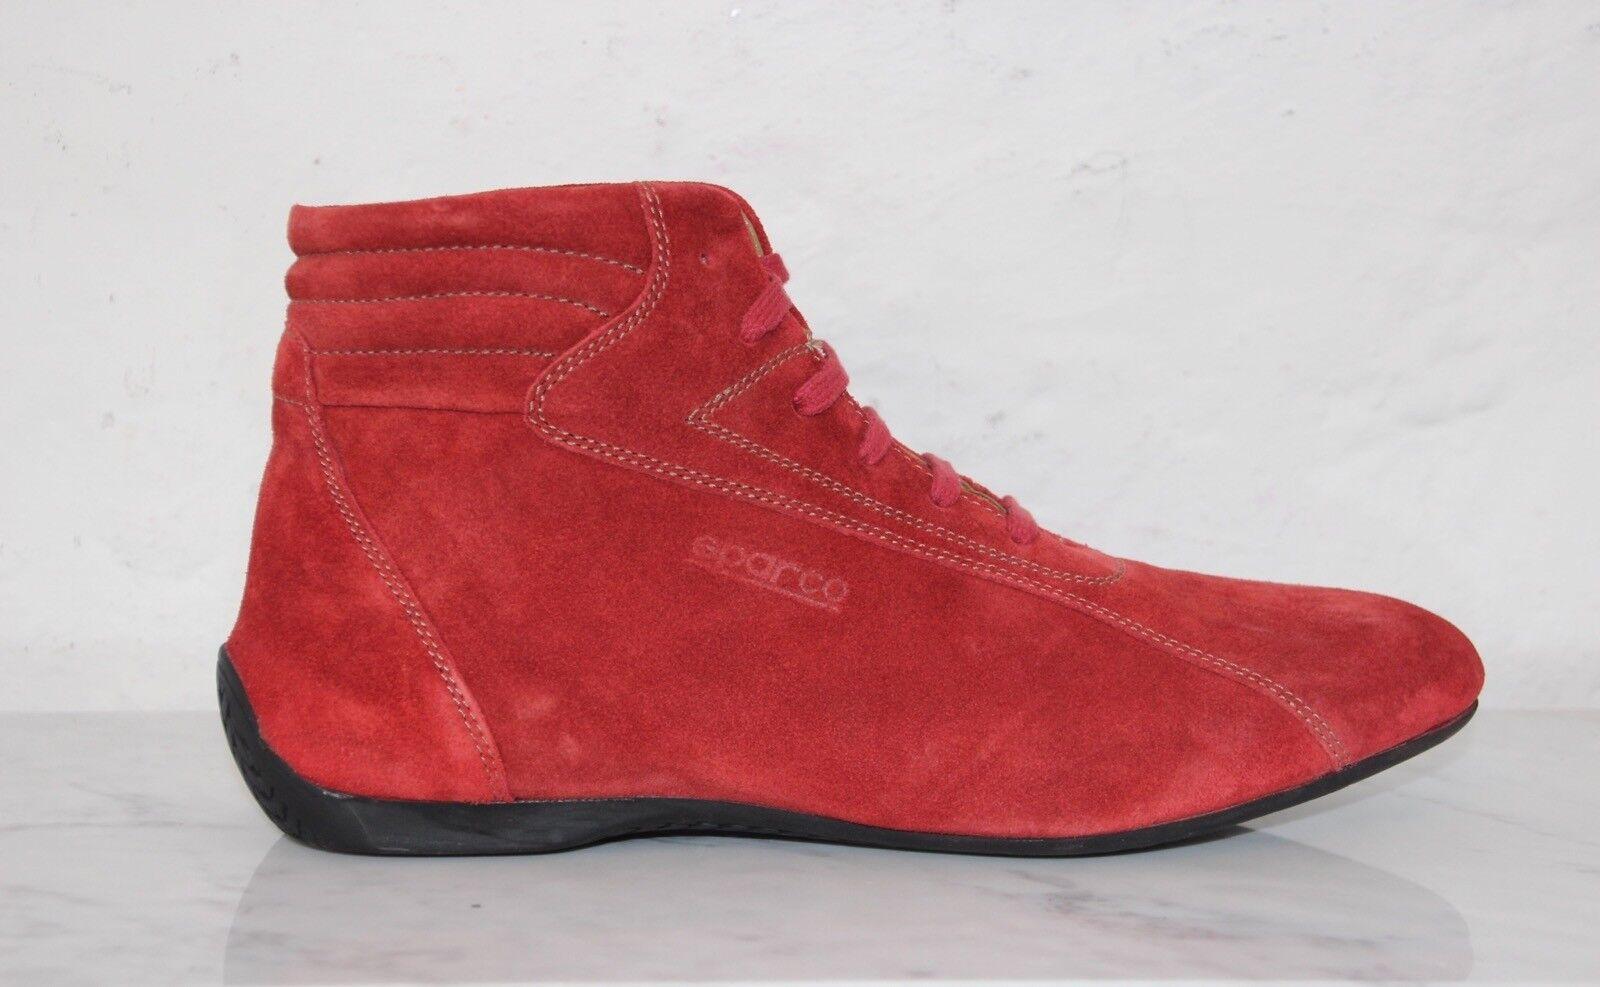 ☆ SPARCO Fahrerschuhe, Sneaker Racing Leder MONZA rot Gr. 46 OVP 169 ☆